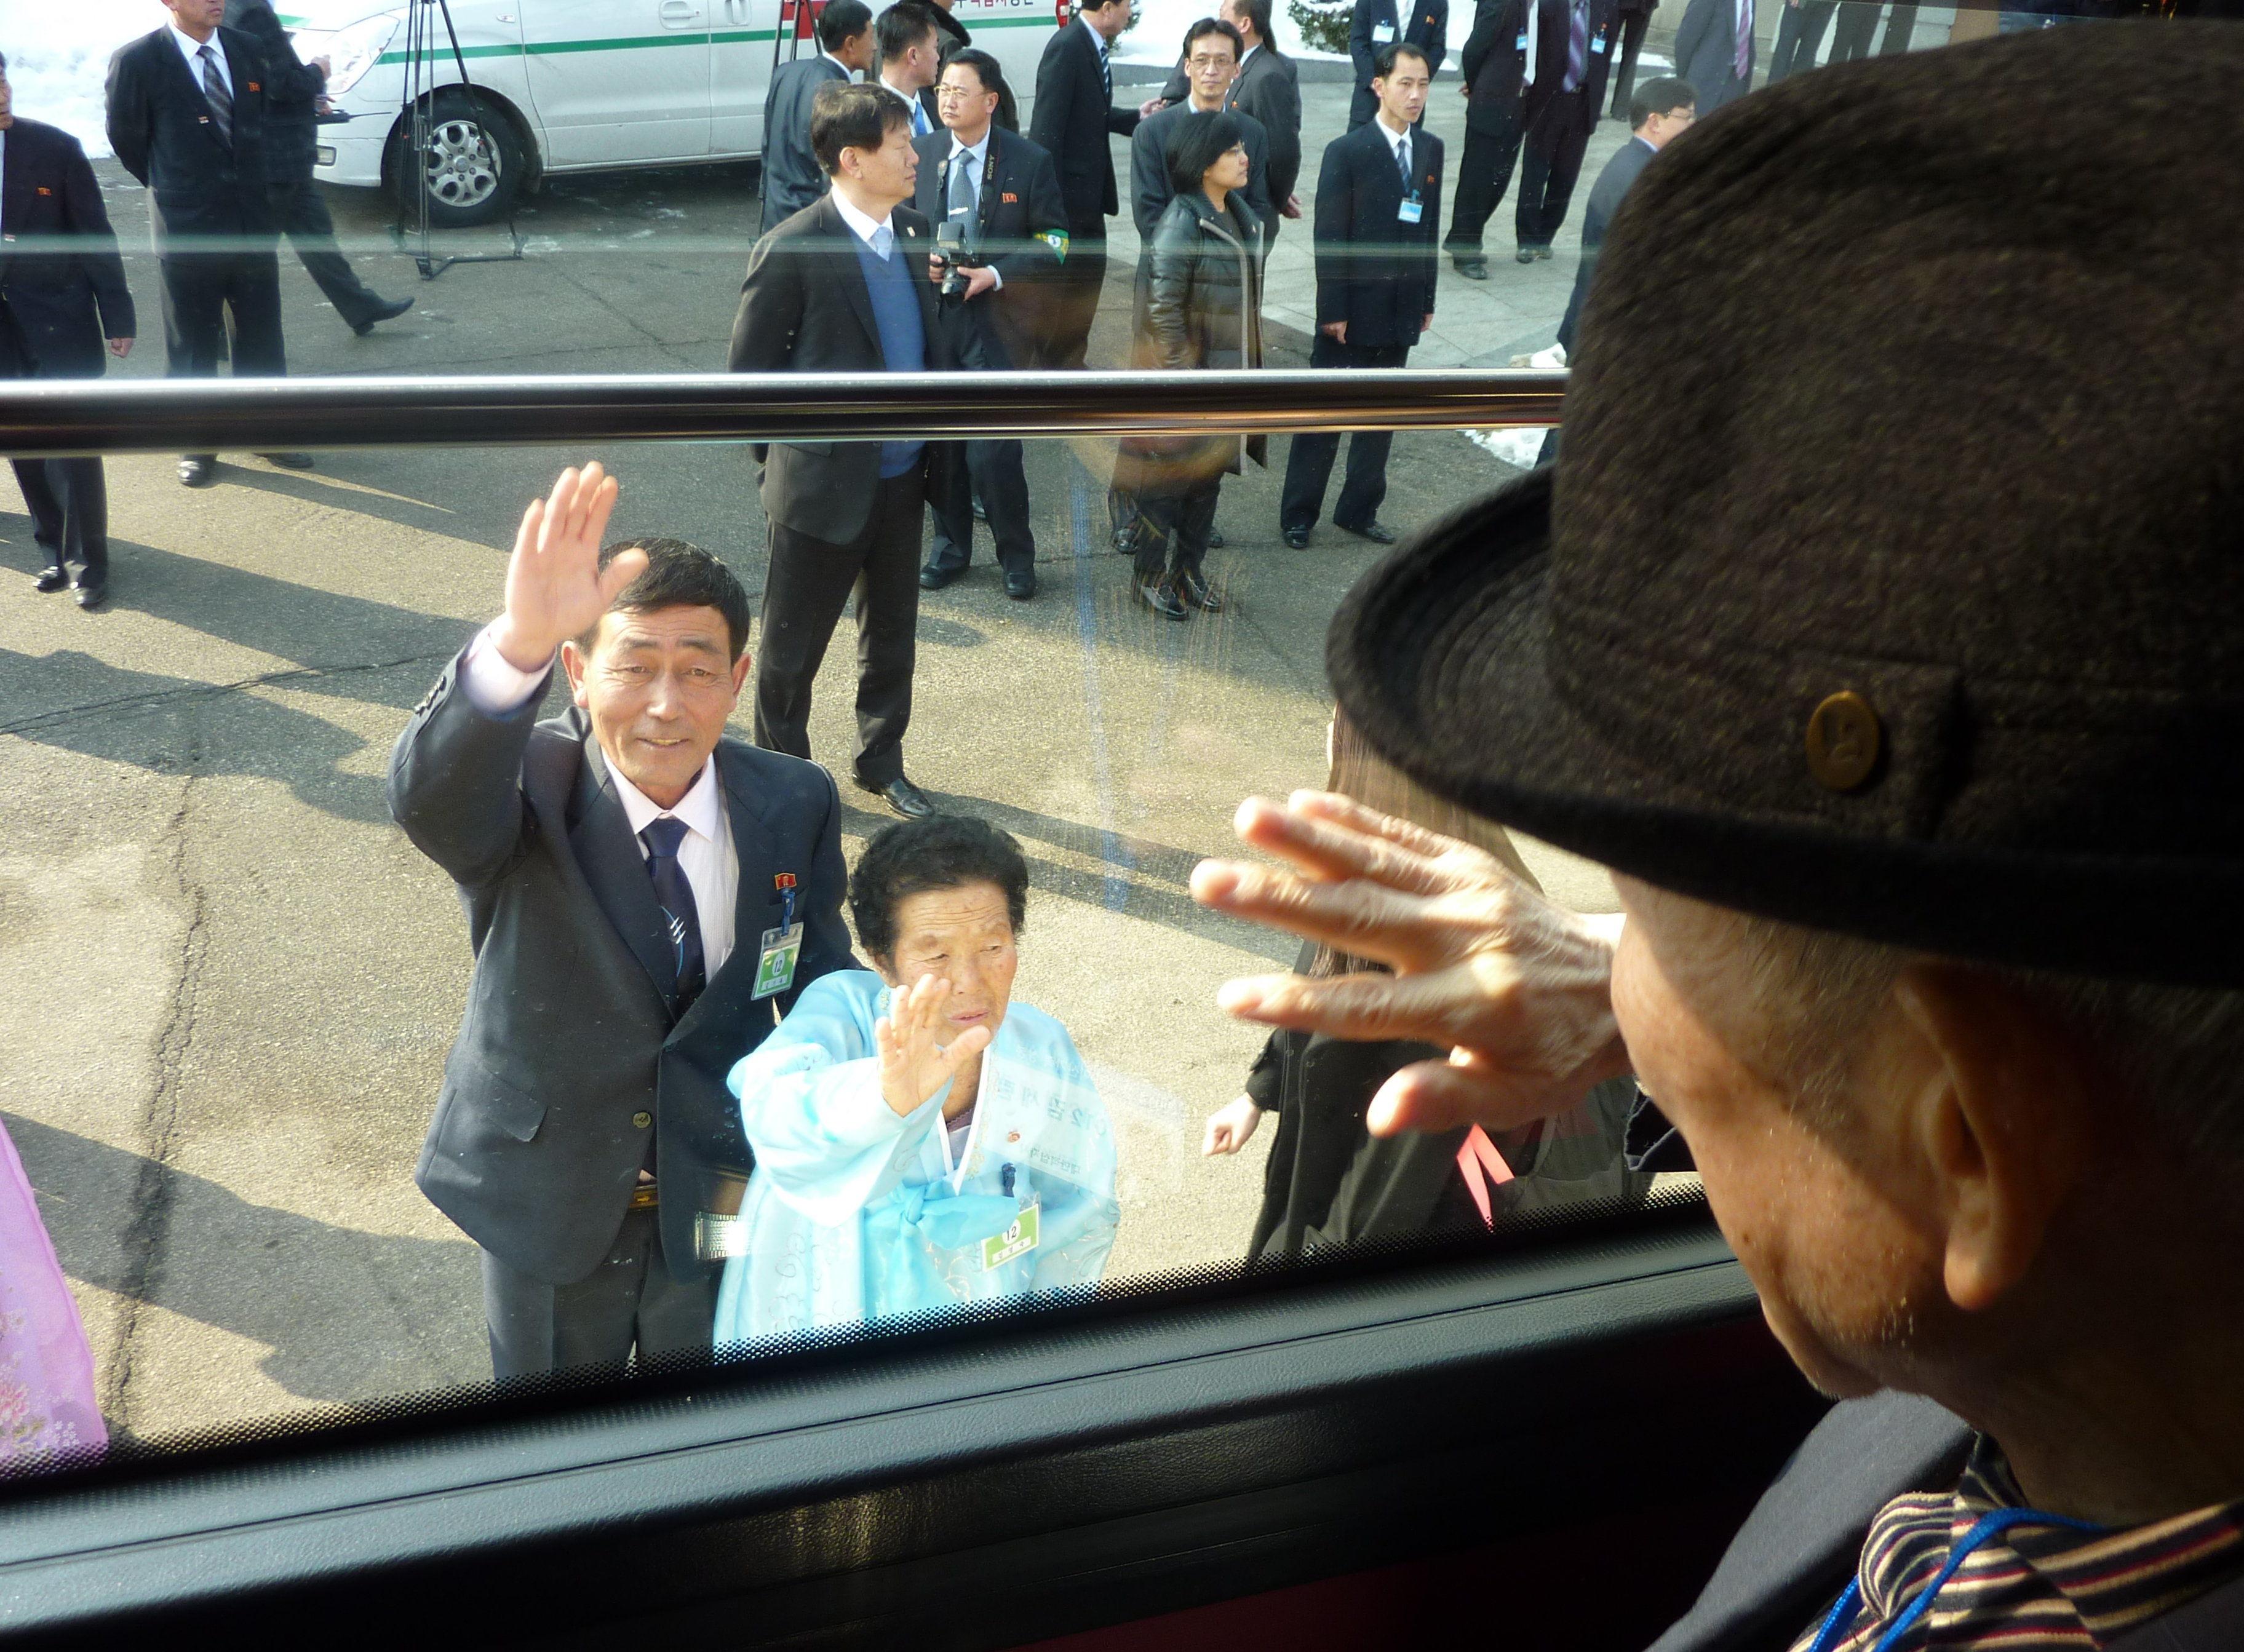 Homem sul-coreano acena para parentes norte-coreanos após reunião familiar em Mount Kumgang, Coreia do Norte